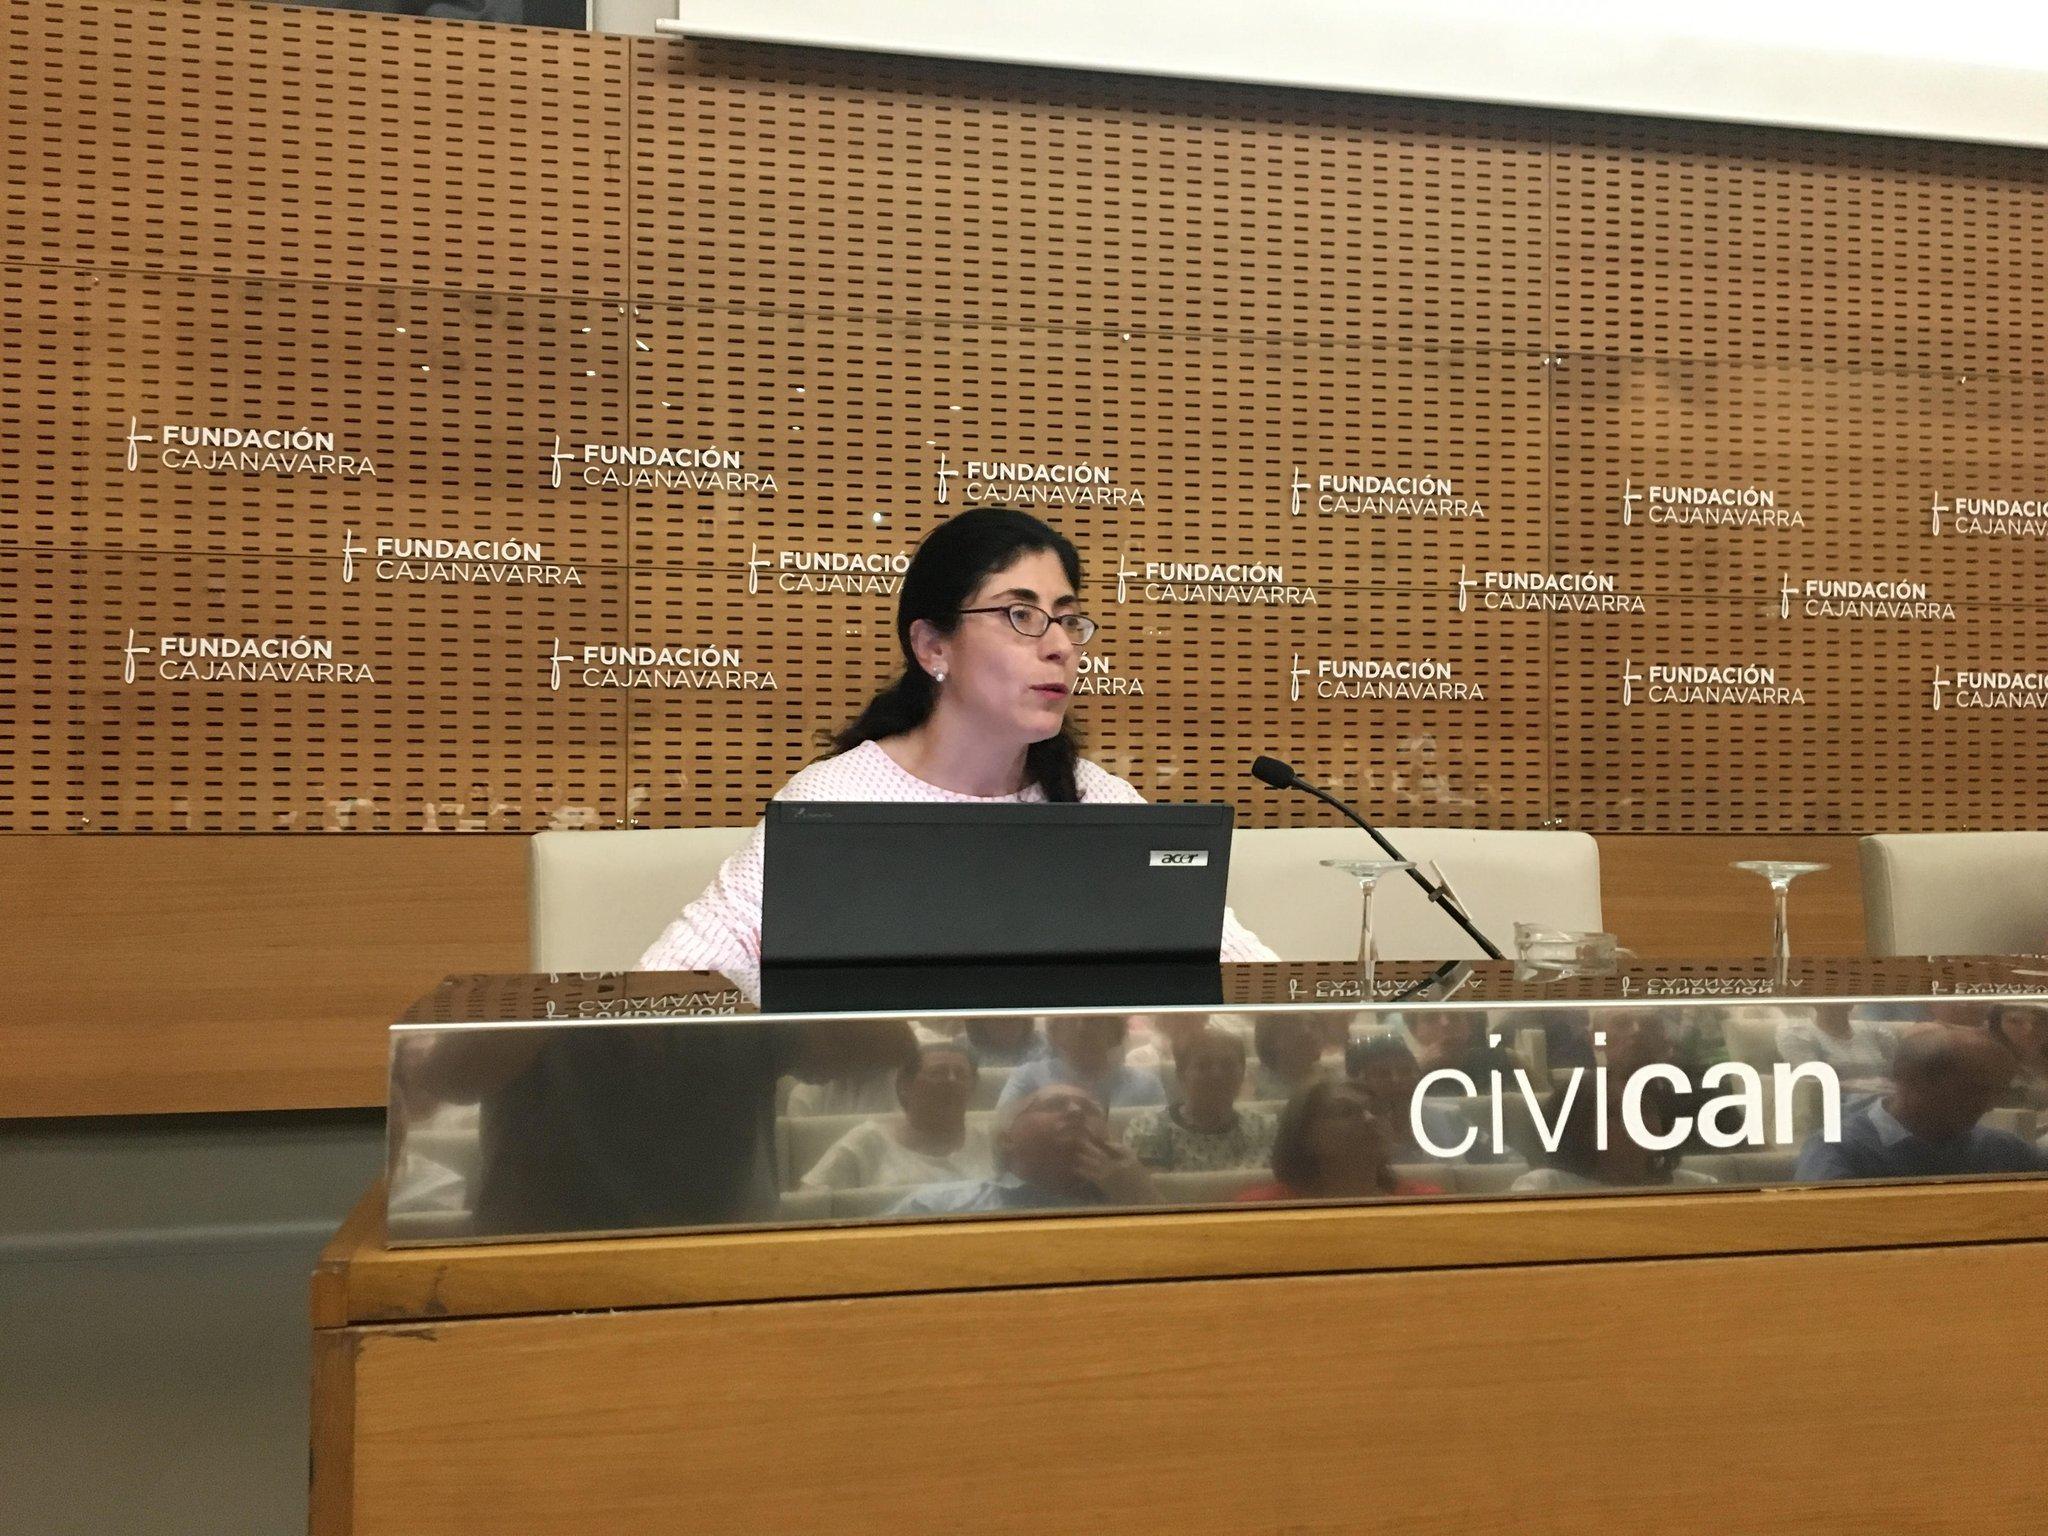 La doctora María Estrella Petrina hablando sobre la influencia de la obesidad en el cáncer #JornadaSaray https://t.co/MlIIx3DRPW